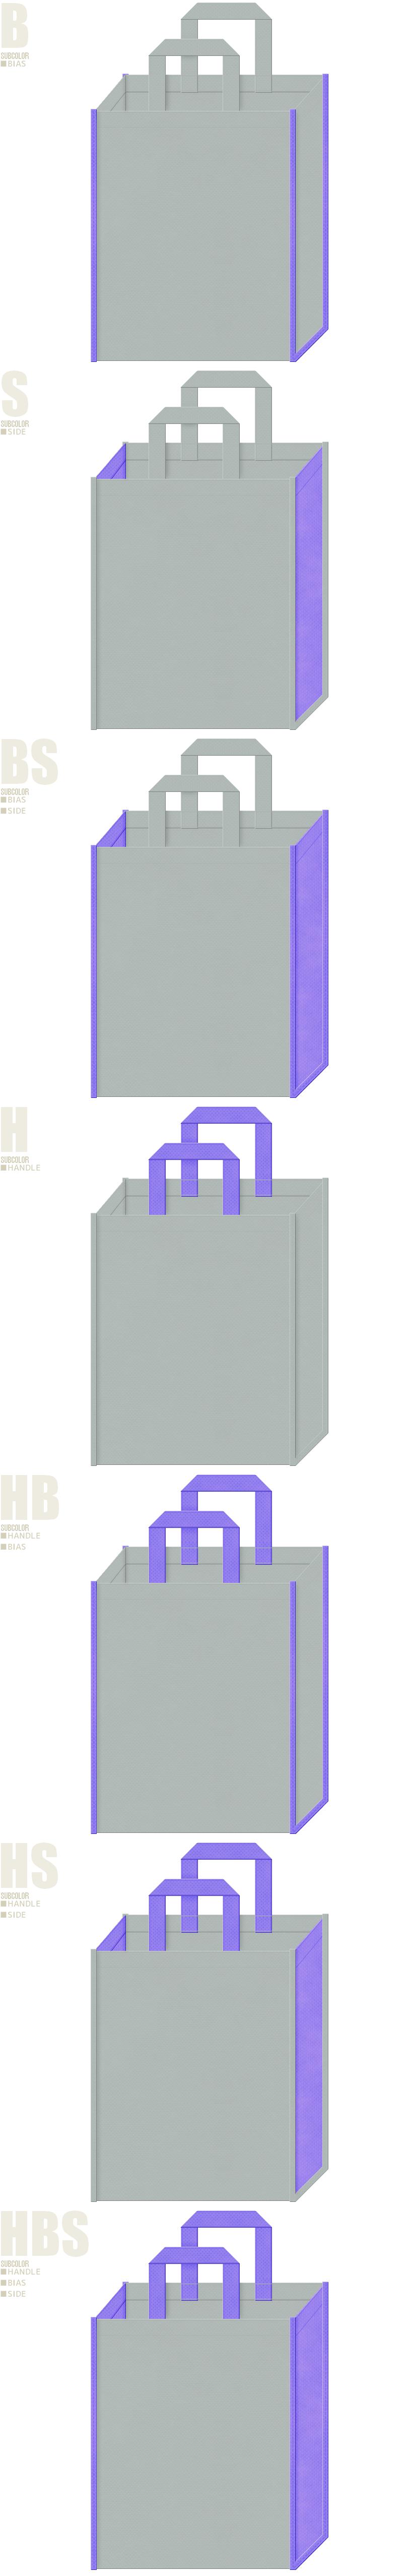 グレー色と薄紫色-7パターンの不織布トートバッグ配色デザイン例